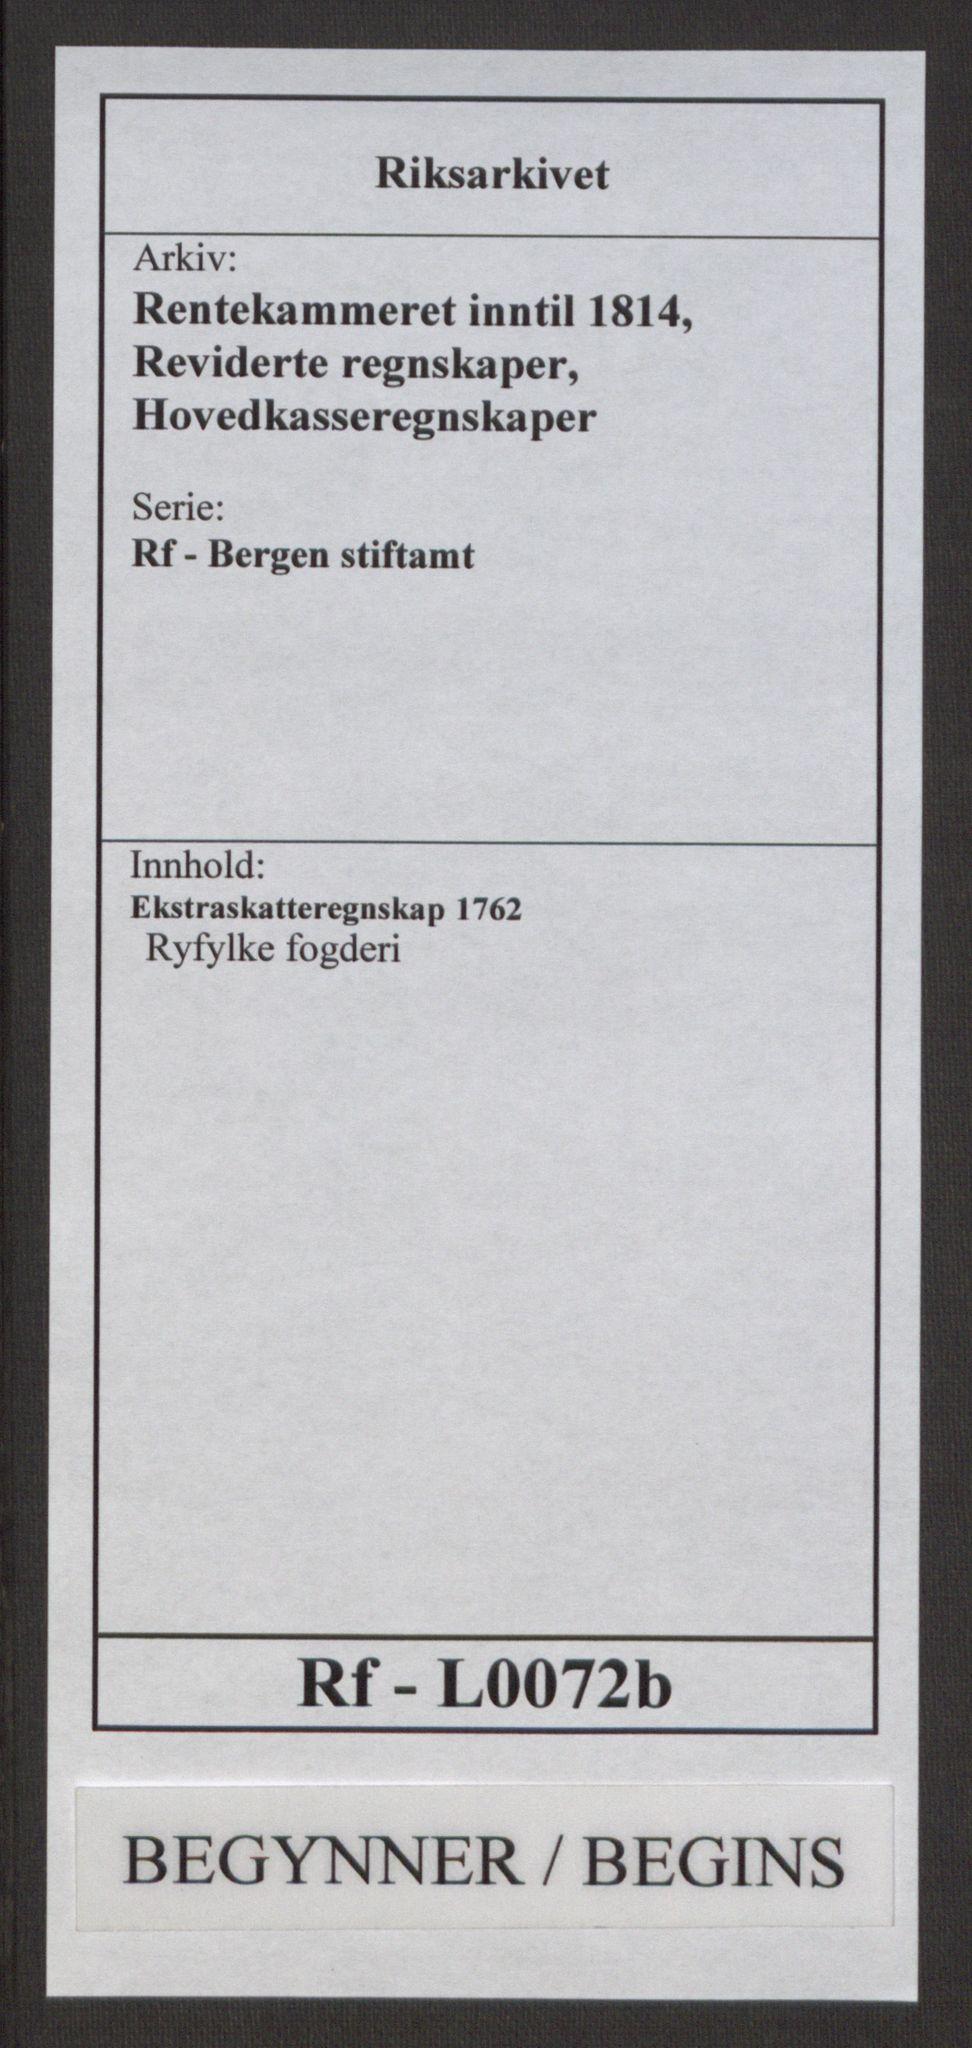 RA, Rentekammeret inntil 1814, Reviderte regnskaper, Hovedkasseregnskaper, Rf/L0072b: Ekstraskatteregnskap, 1762, s. 1